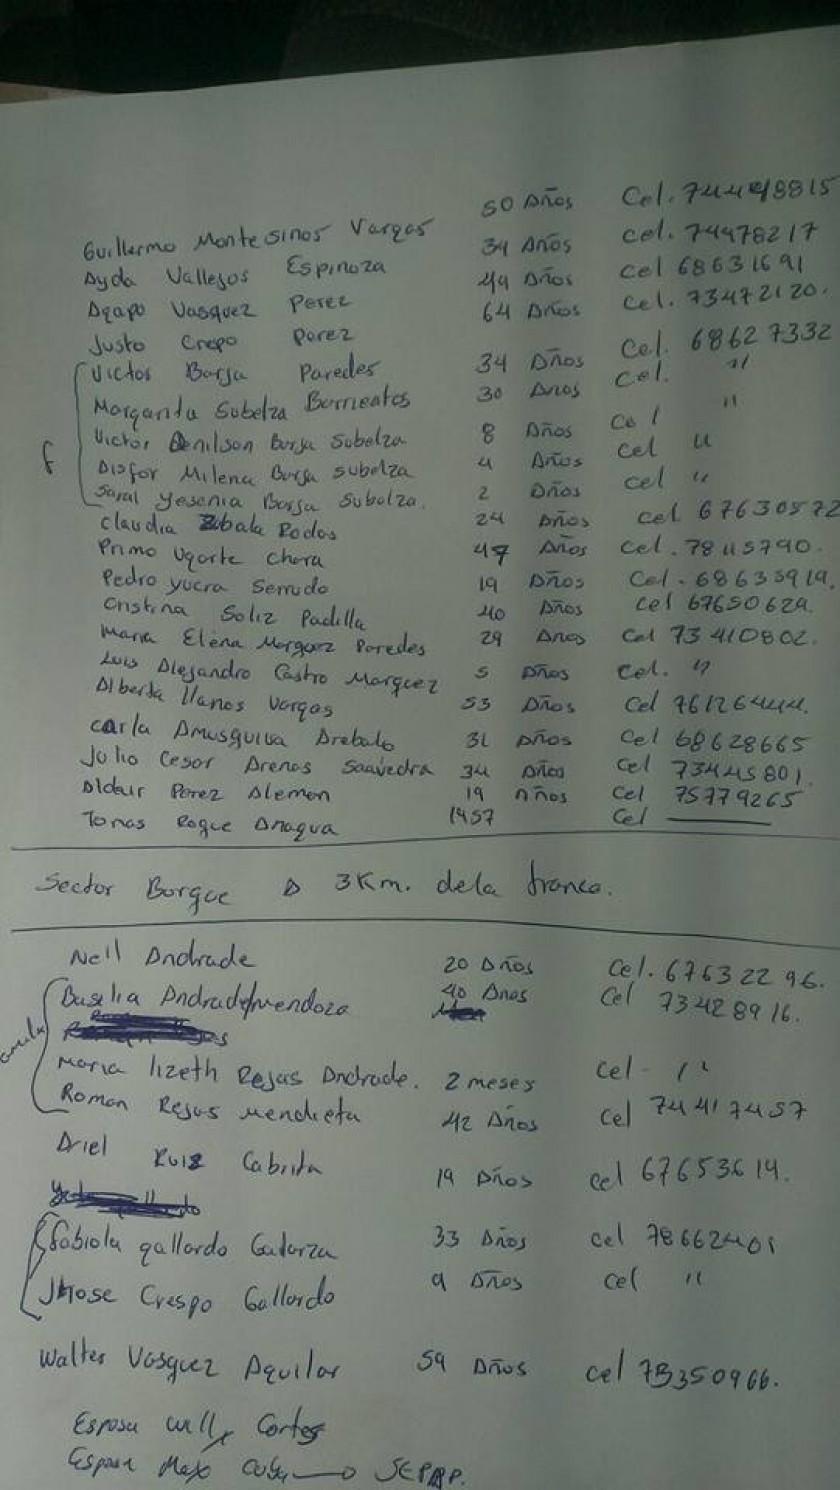 La lista preliminar de pasajeros que ocupan la flota. Foto: Radio Suprema